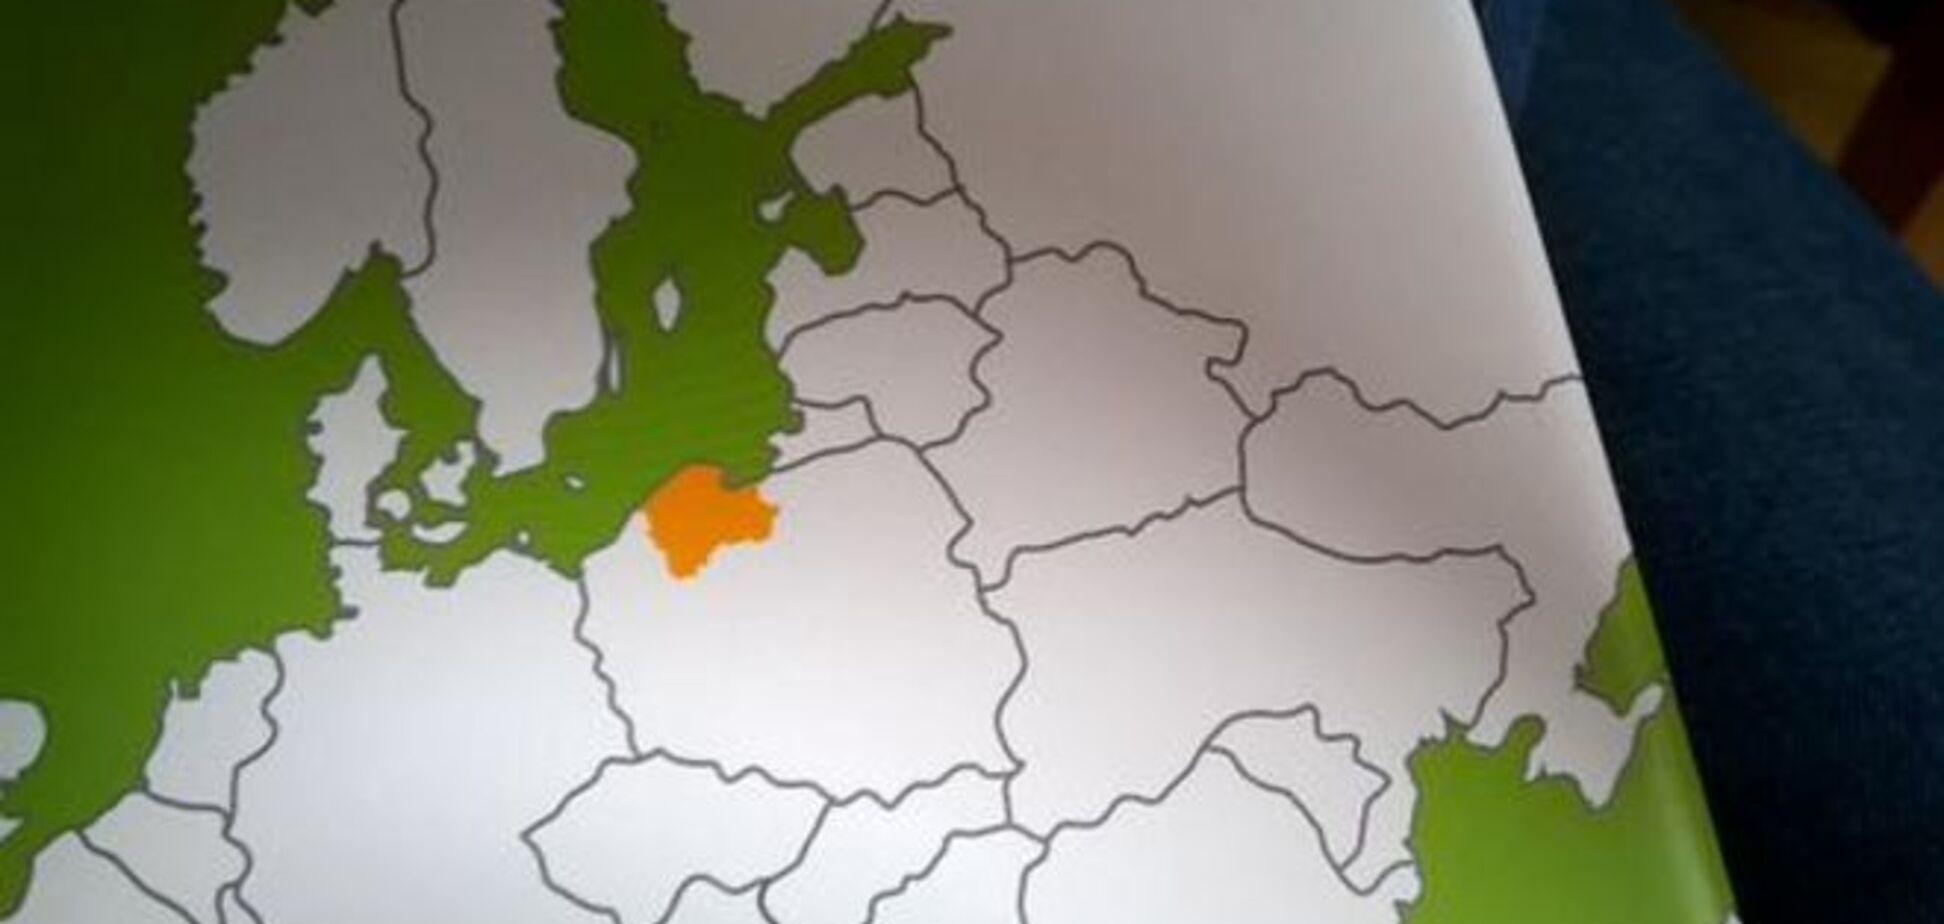 У Польщі надрукували карту розділеної України в урядовому буклеті